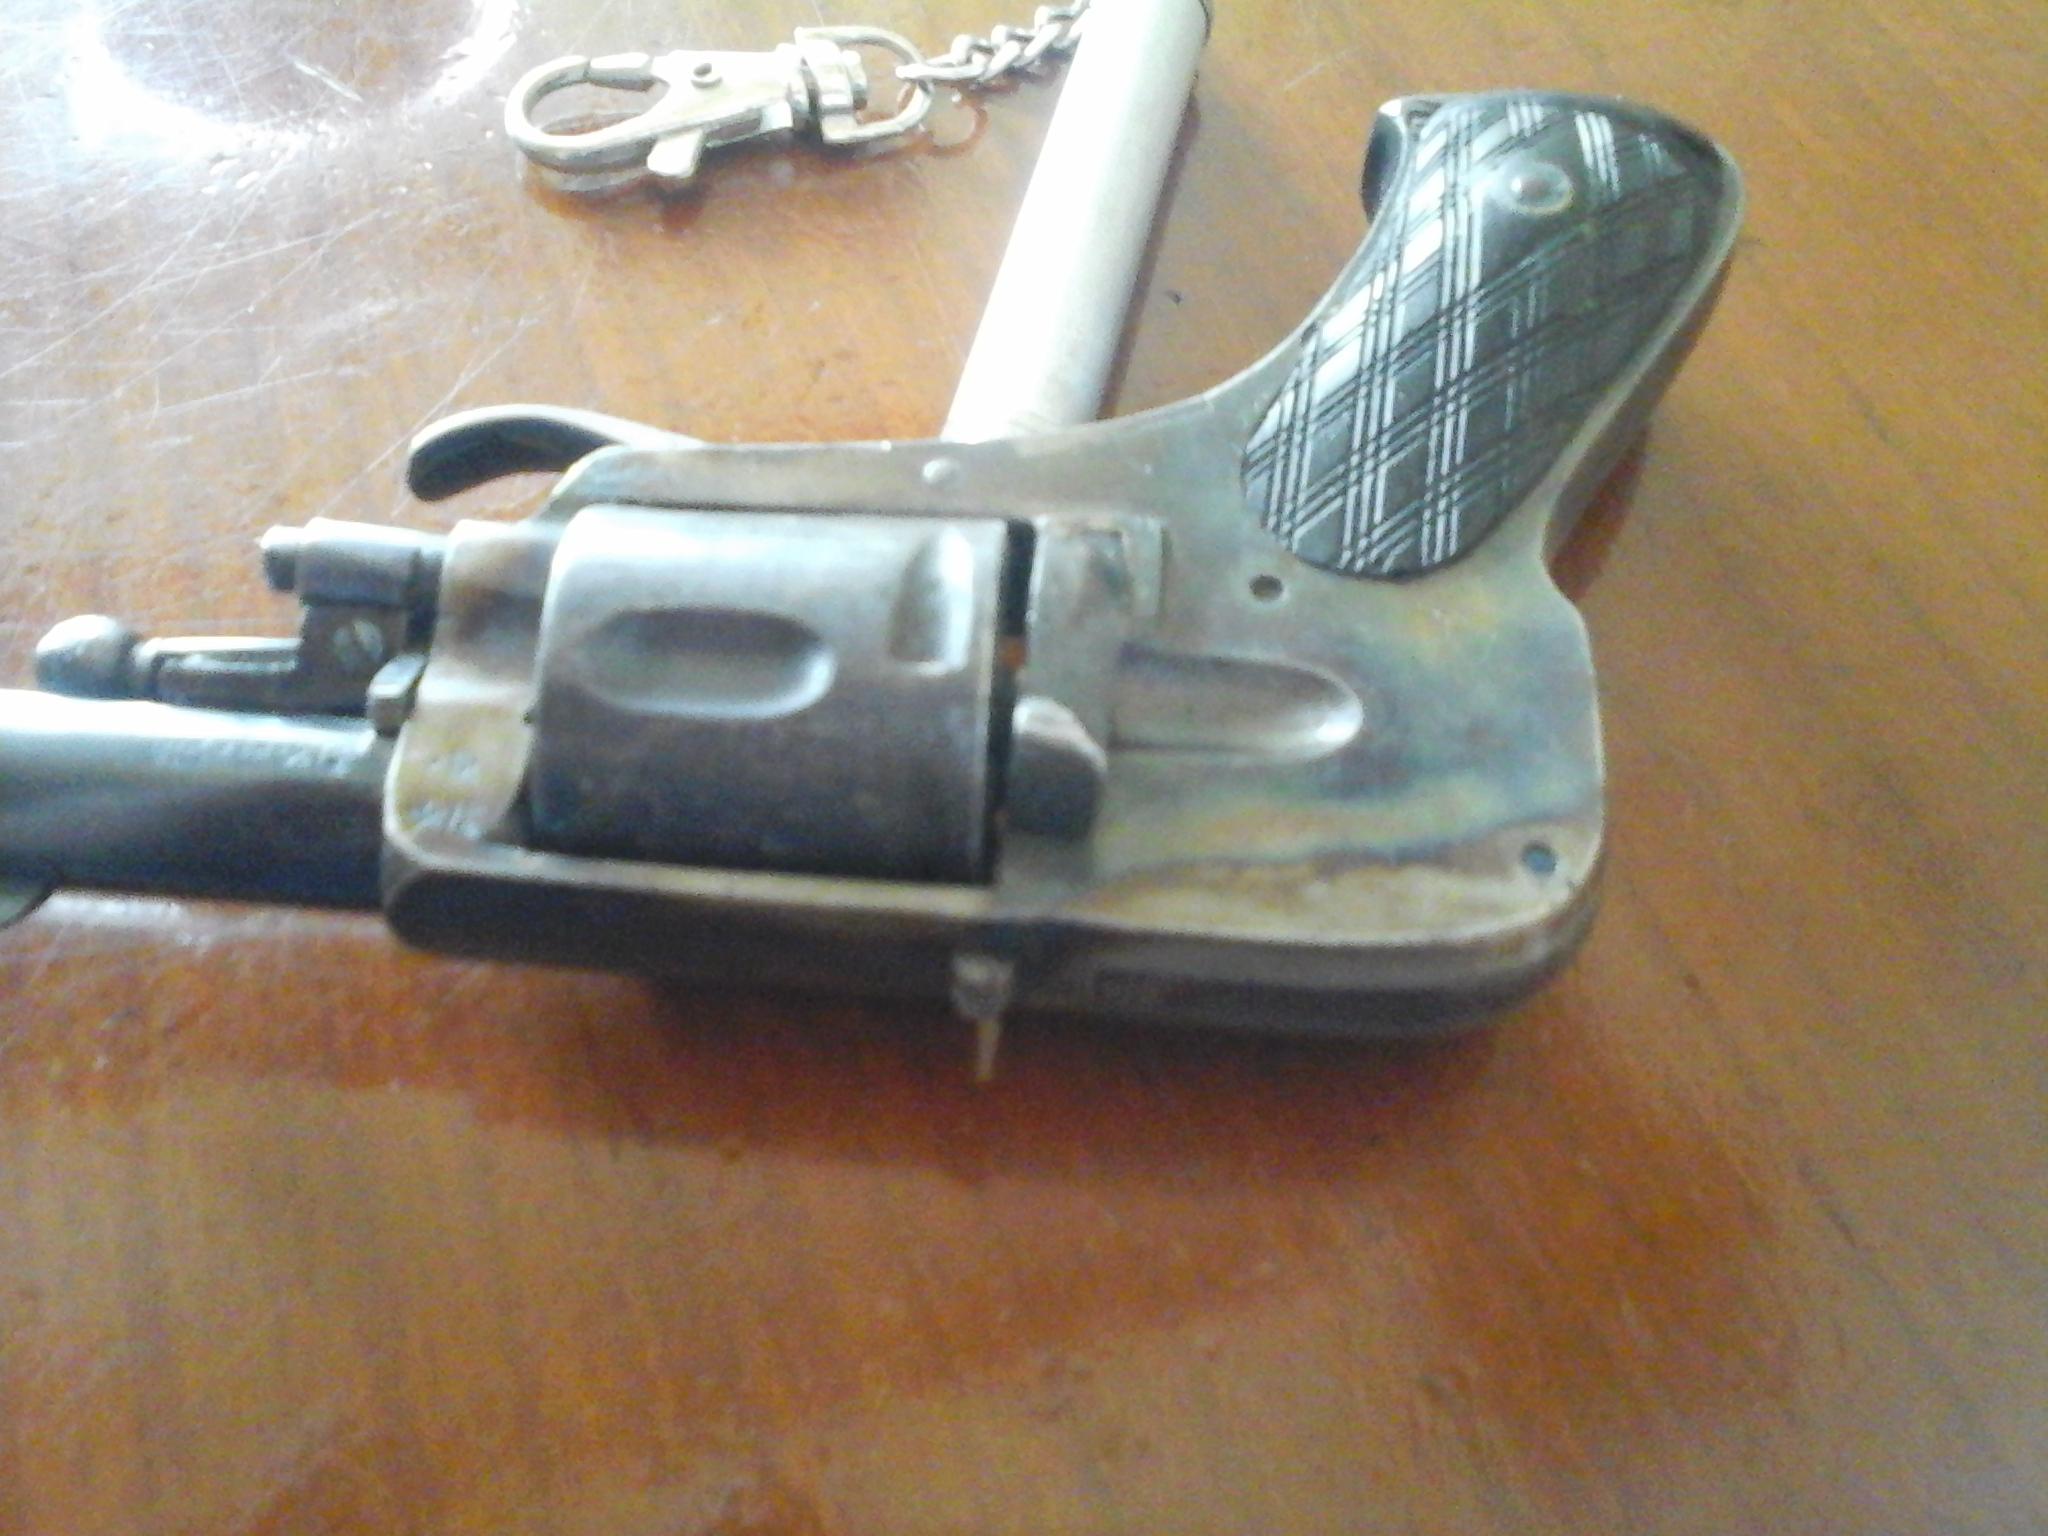 velodog hammerless en 6mm 5 coups 20180511